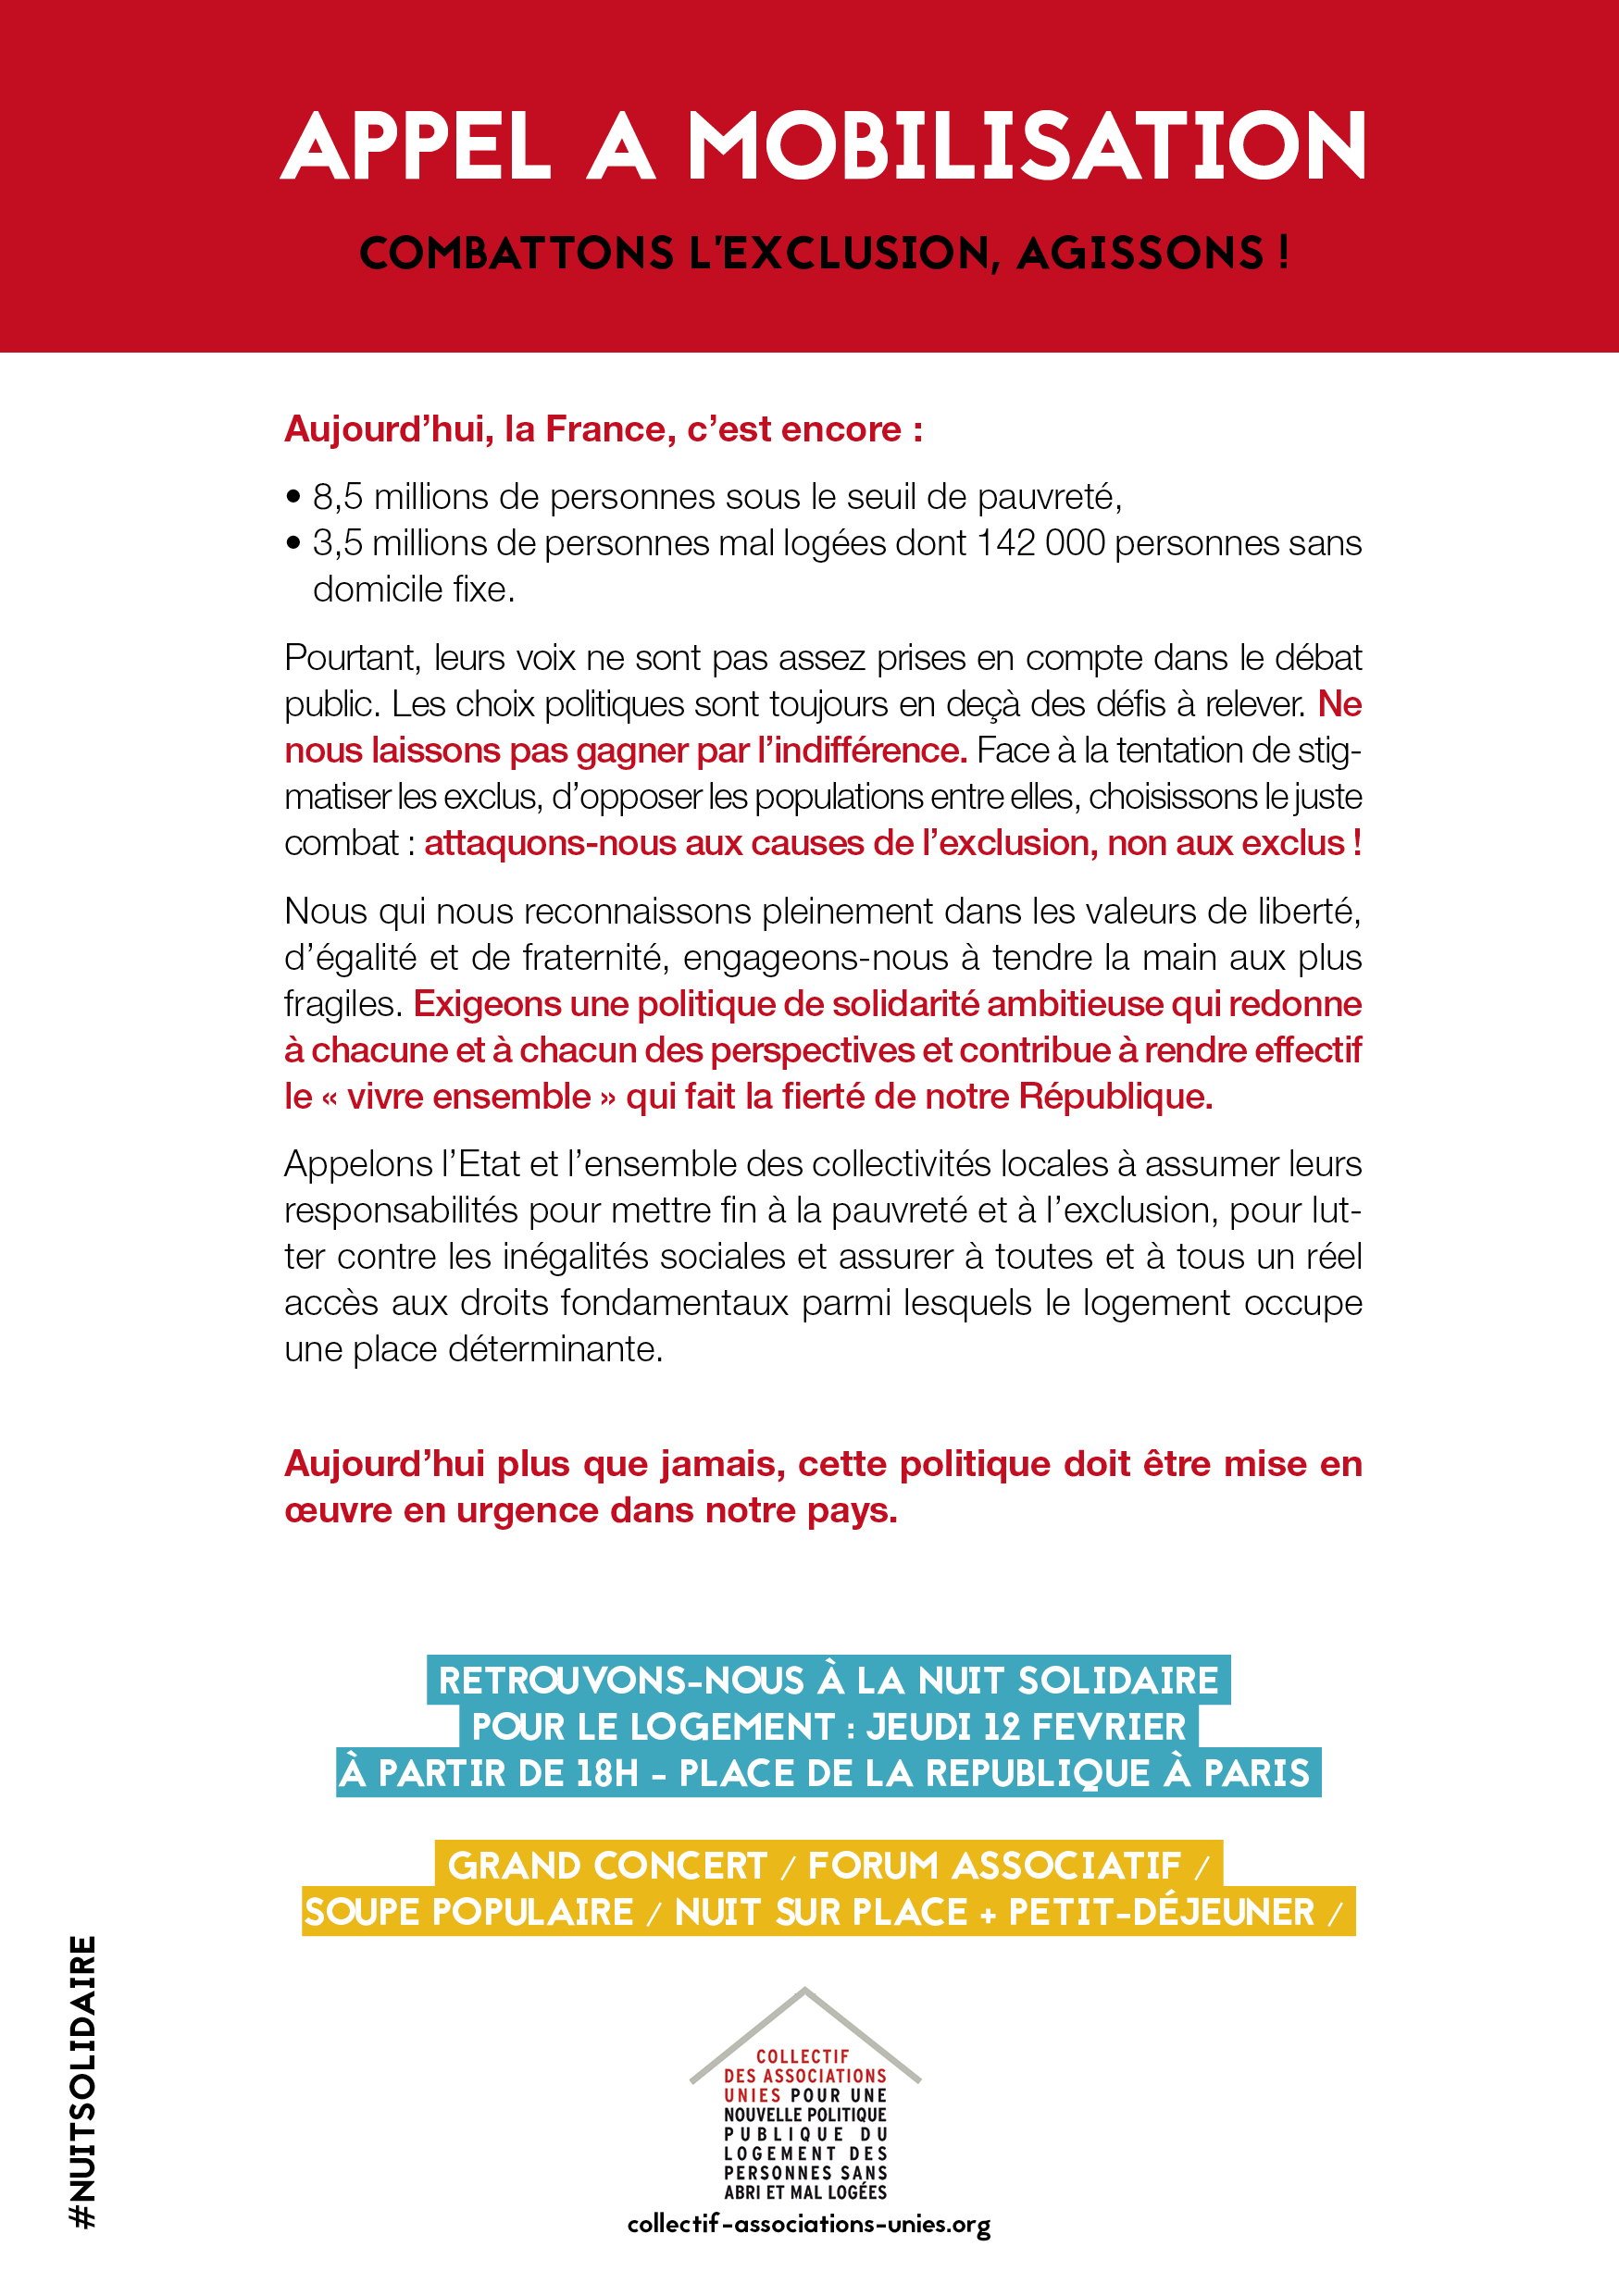 Appel Mobilisation Combattons Lexclusion Agissons